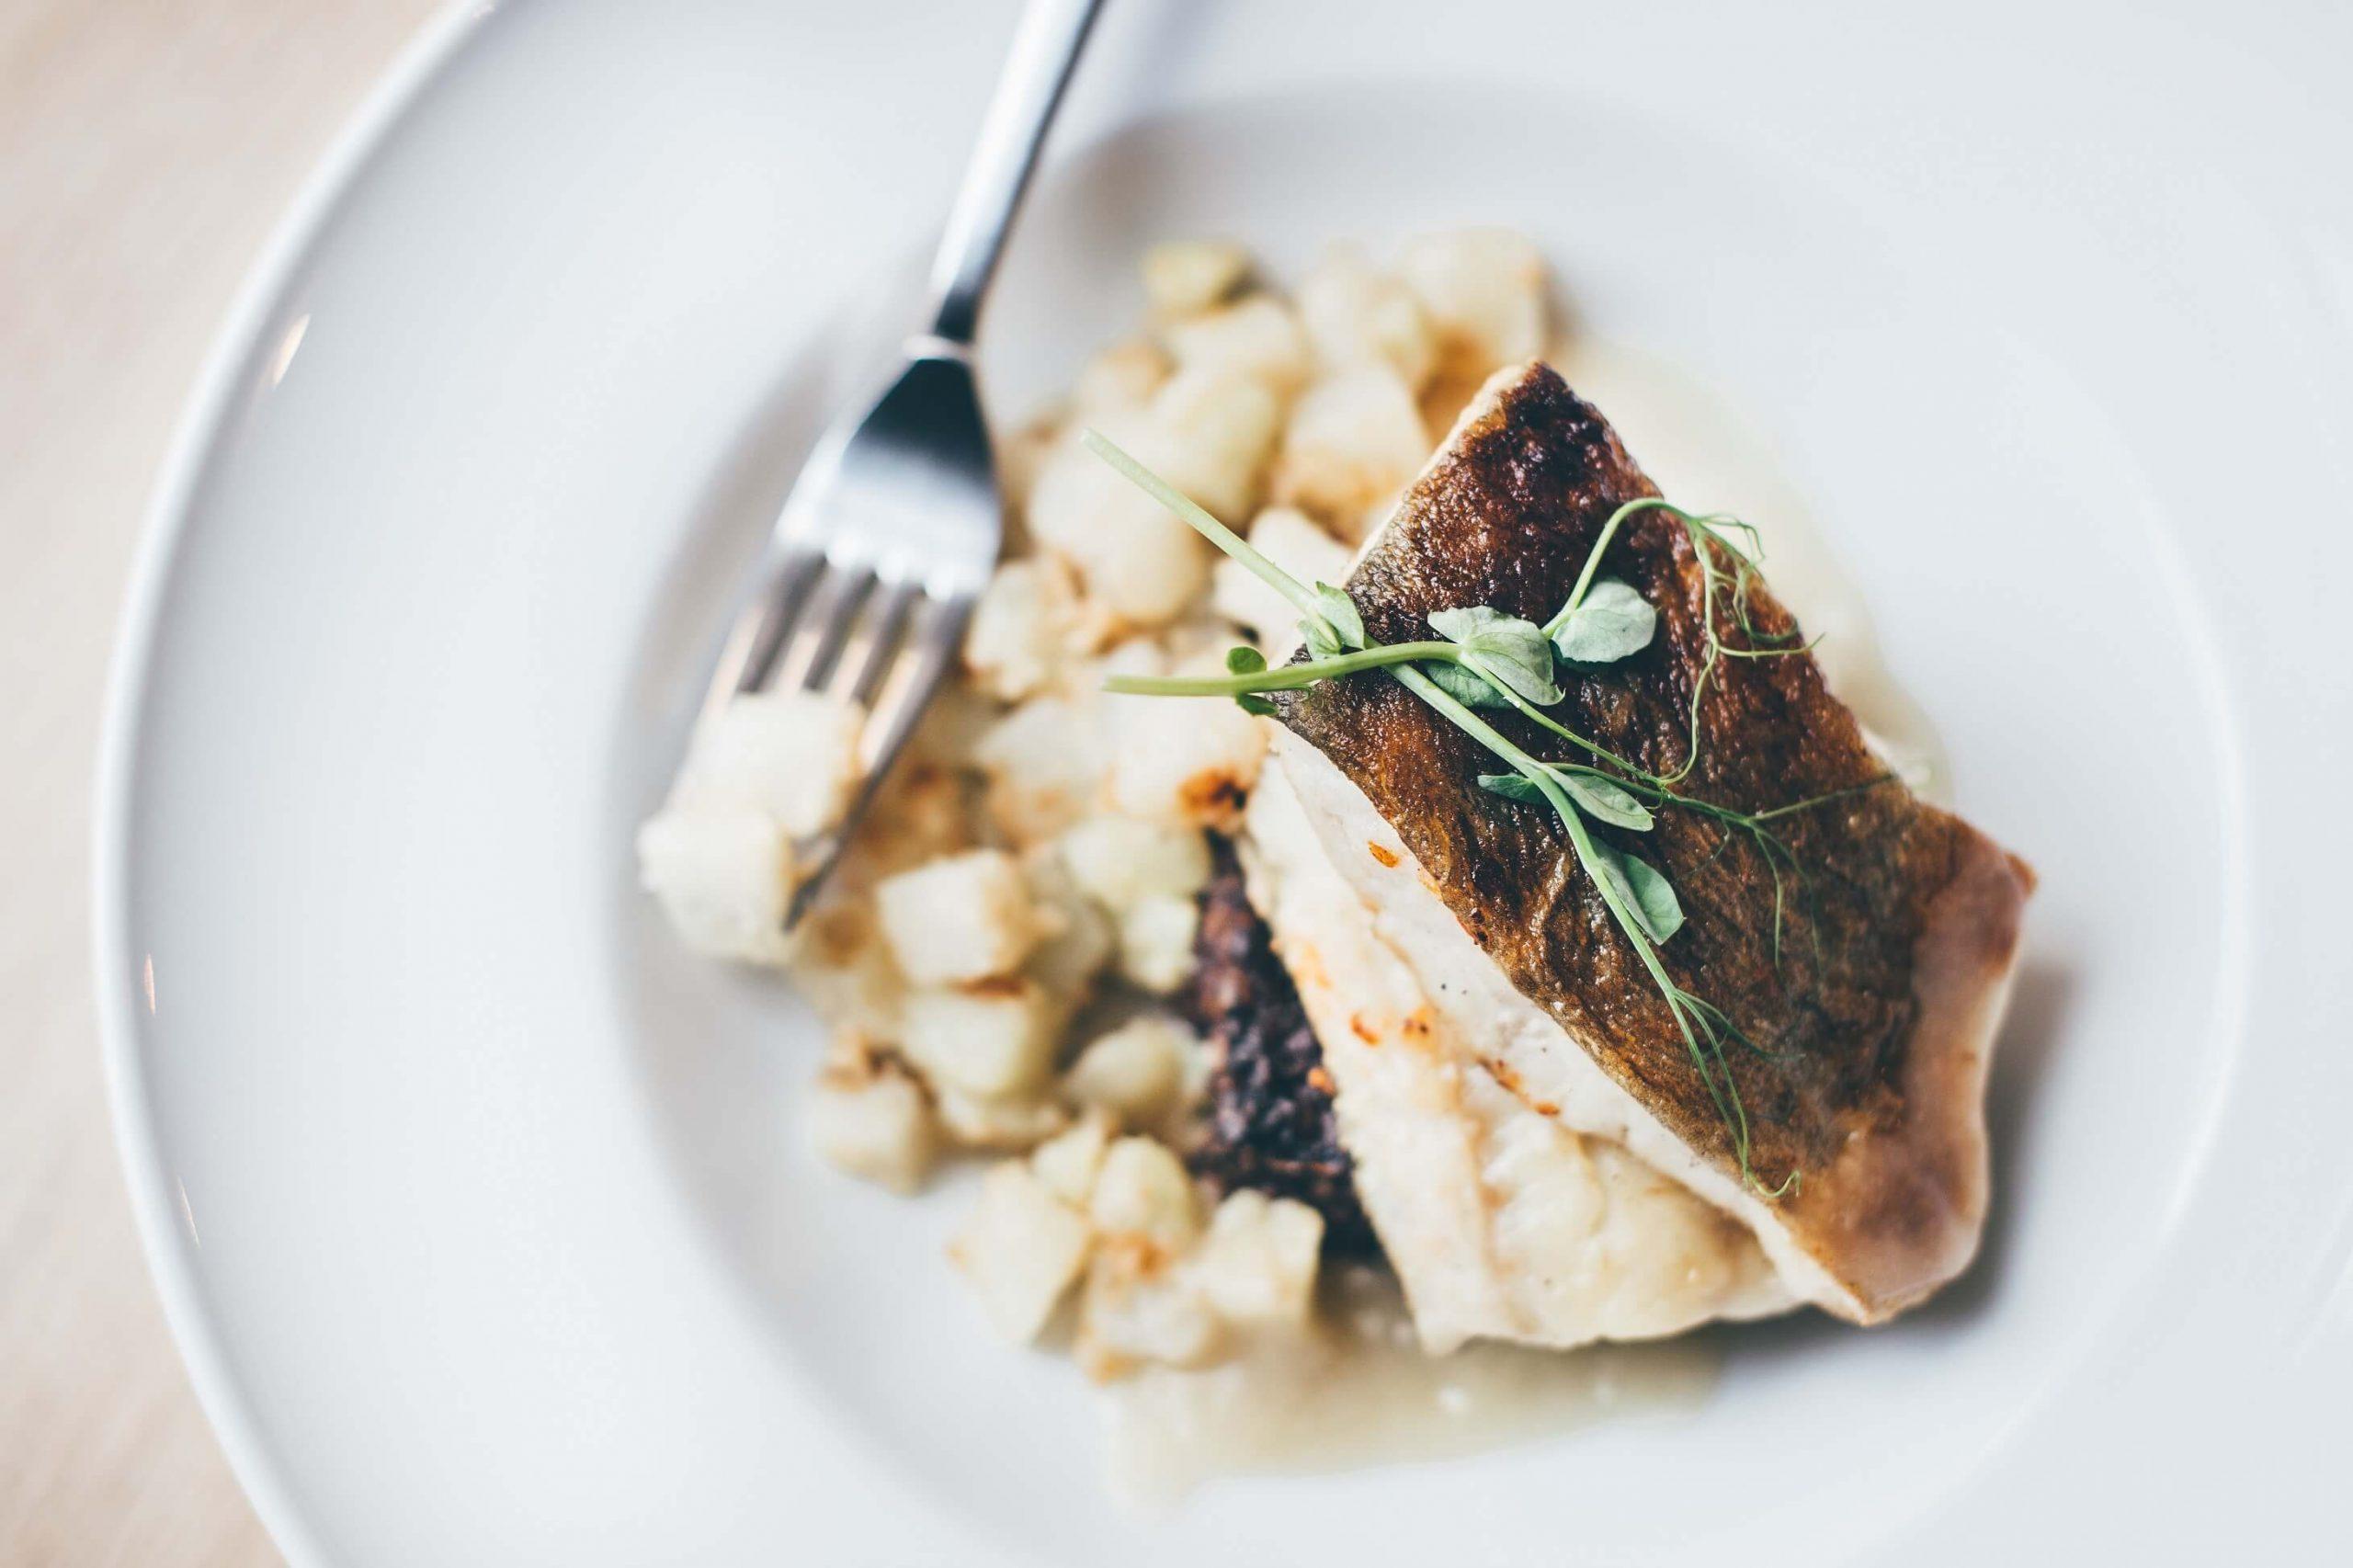 gvara awlodarczyk 1 18 scaled - Kwarantanna ze smakiem w pomorskich restauracjach